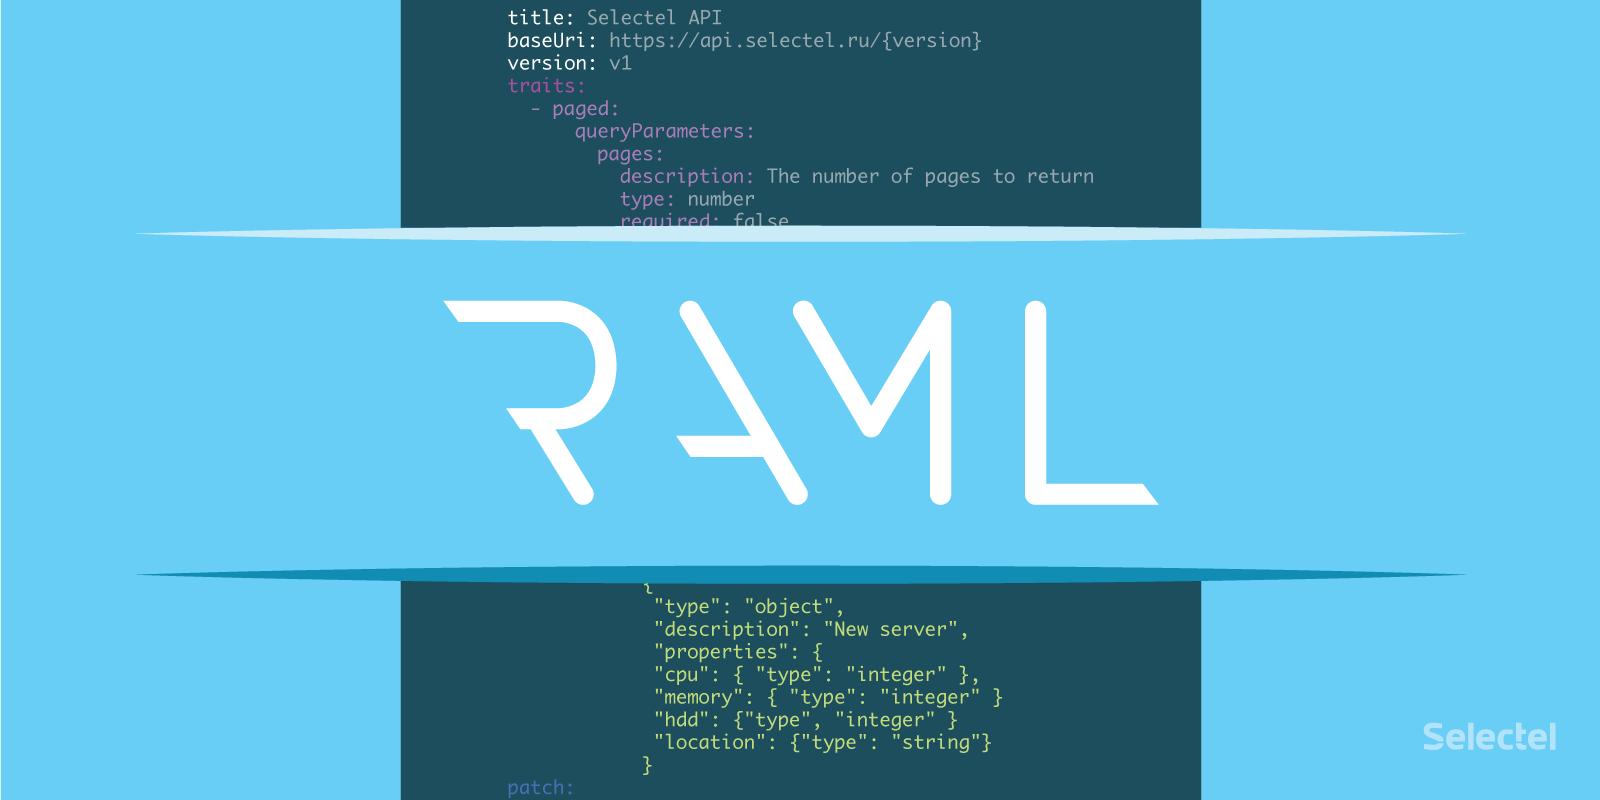 Пишем документацию API при помощи RAML